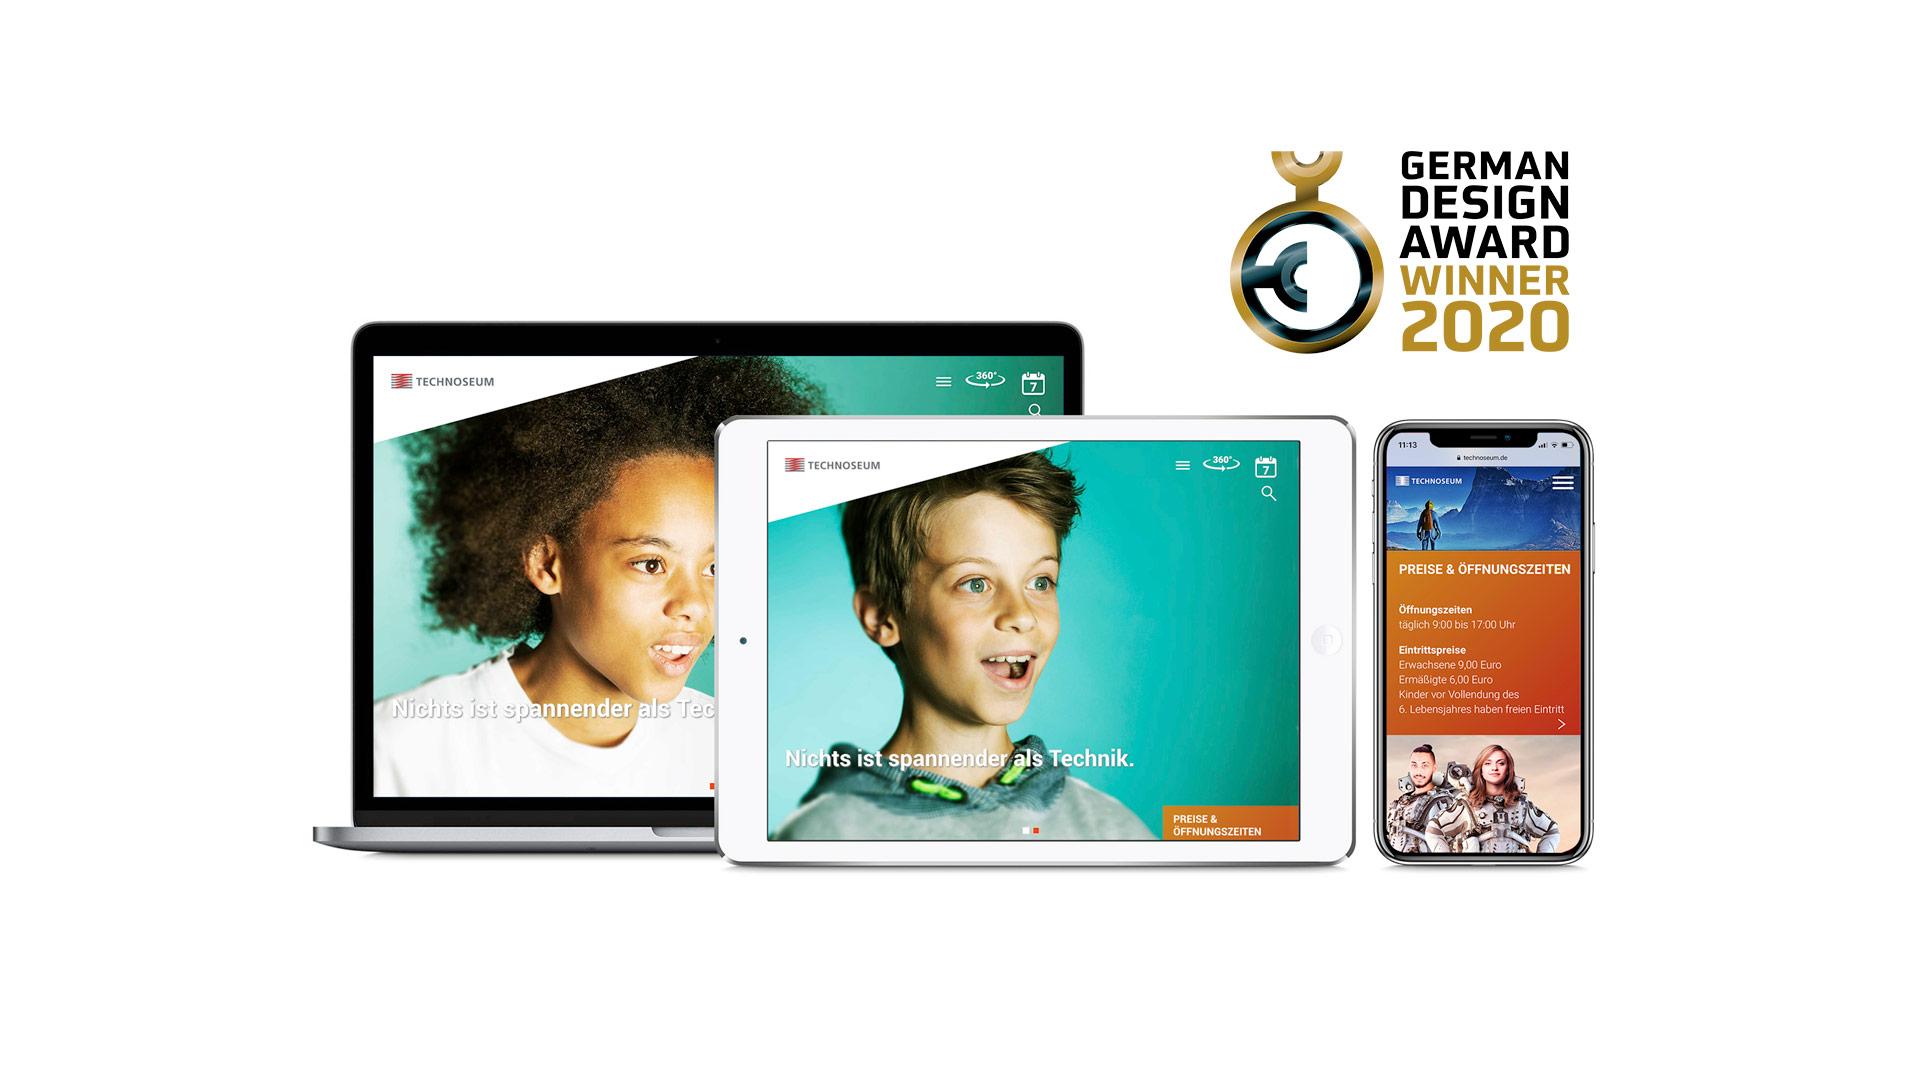 Werbeagentur Schleiner + Partner gewinnt den German Design Award 2020 für die Website TECHNOSEUM